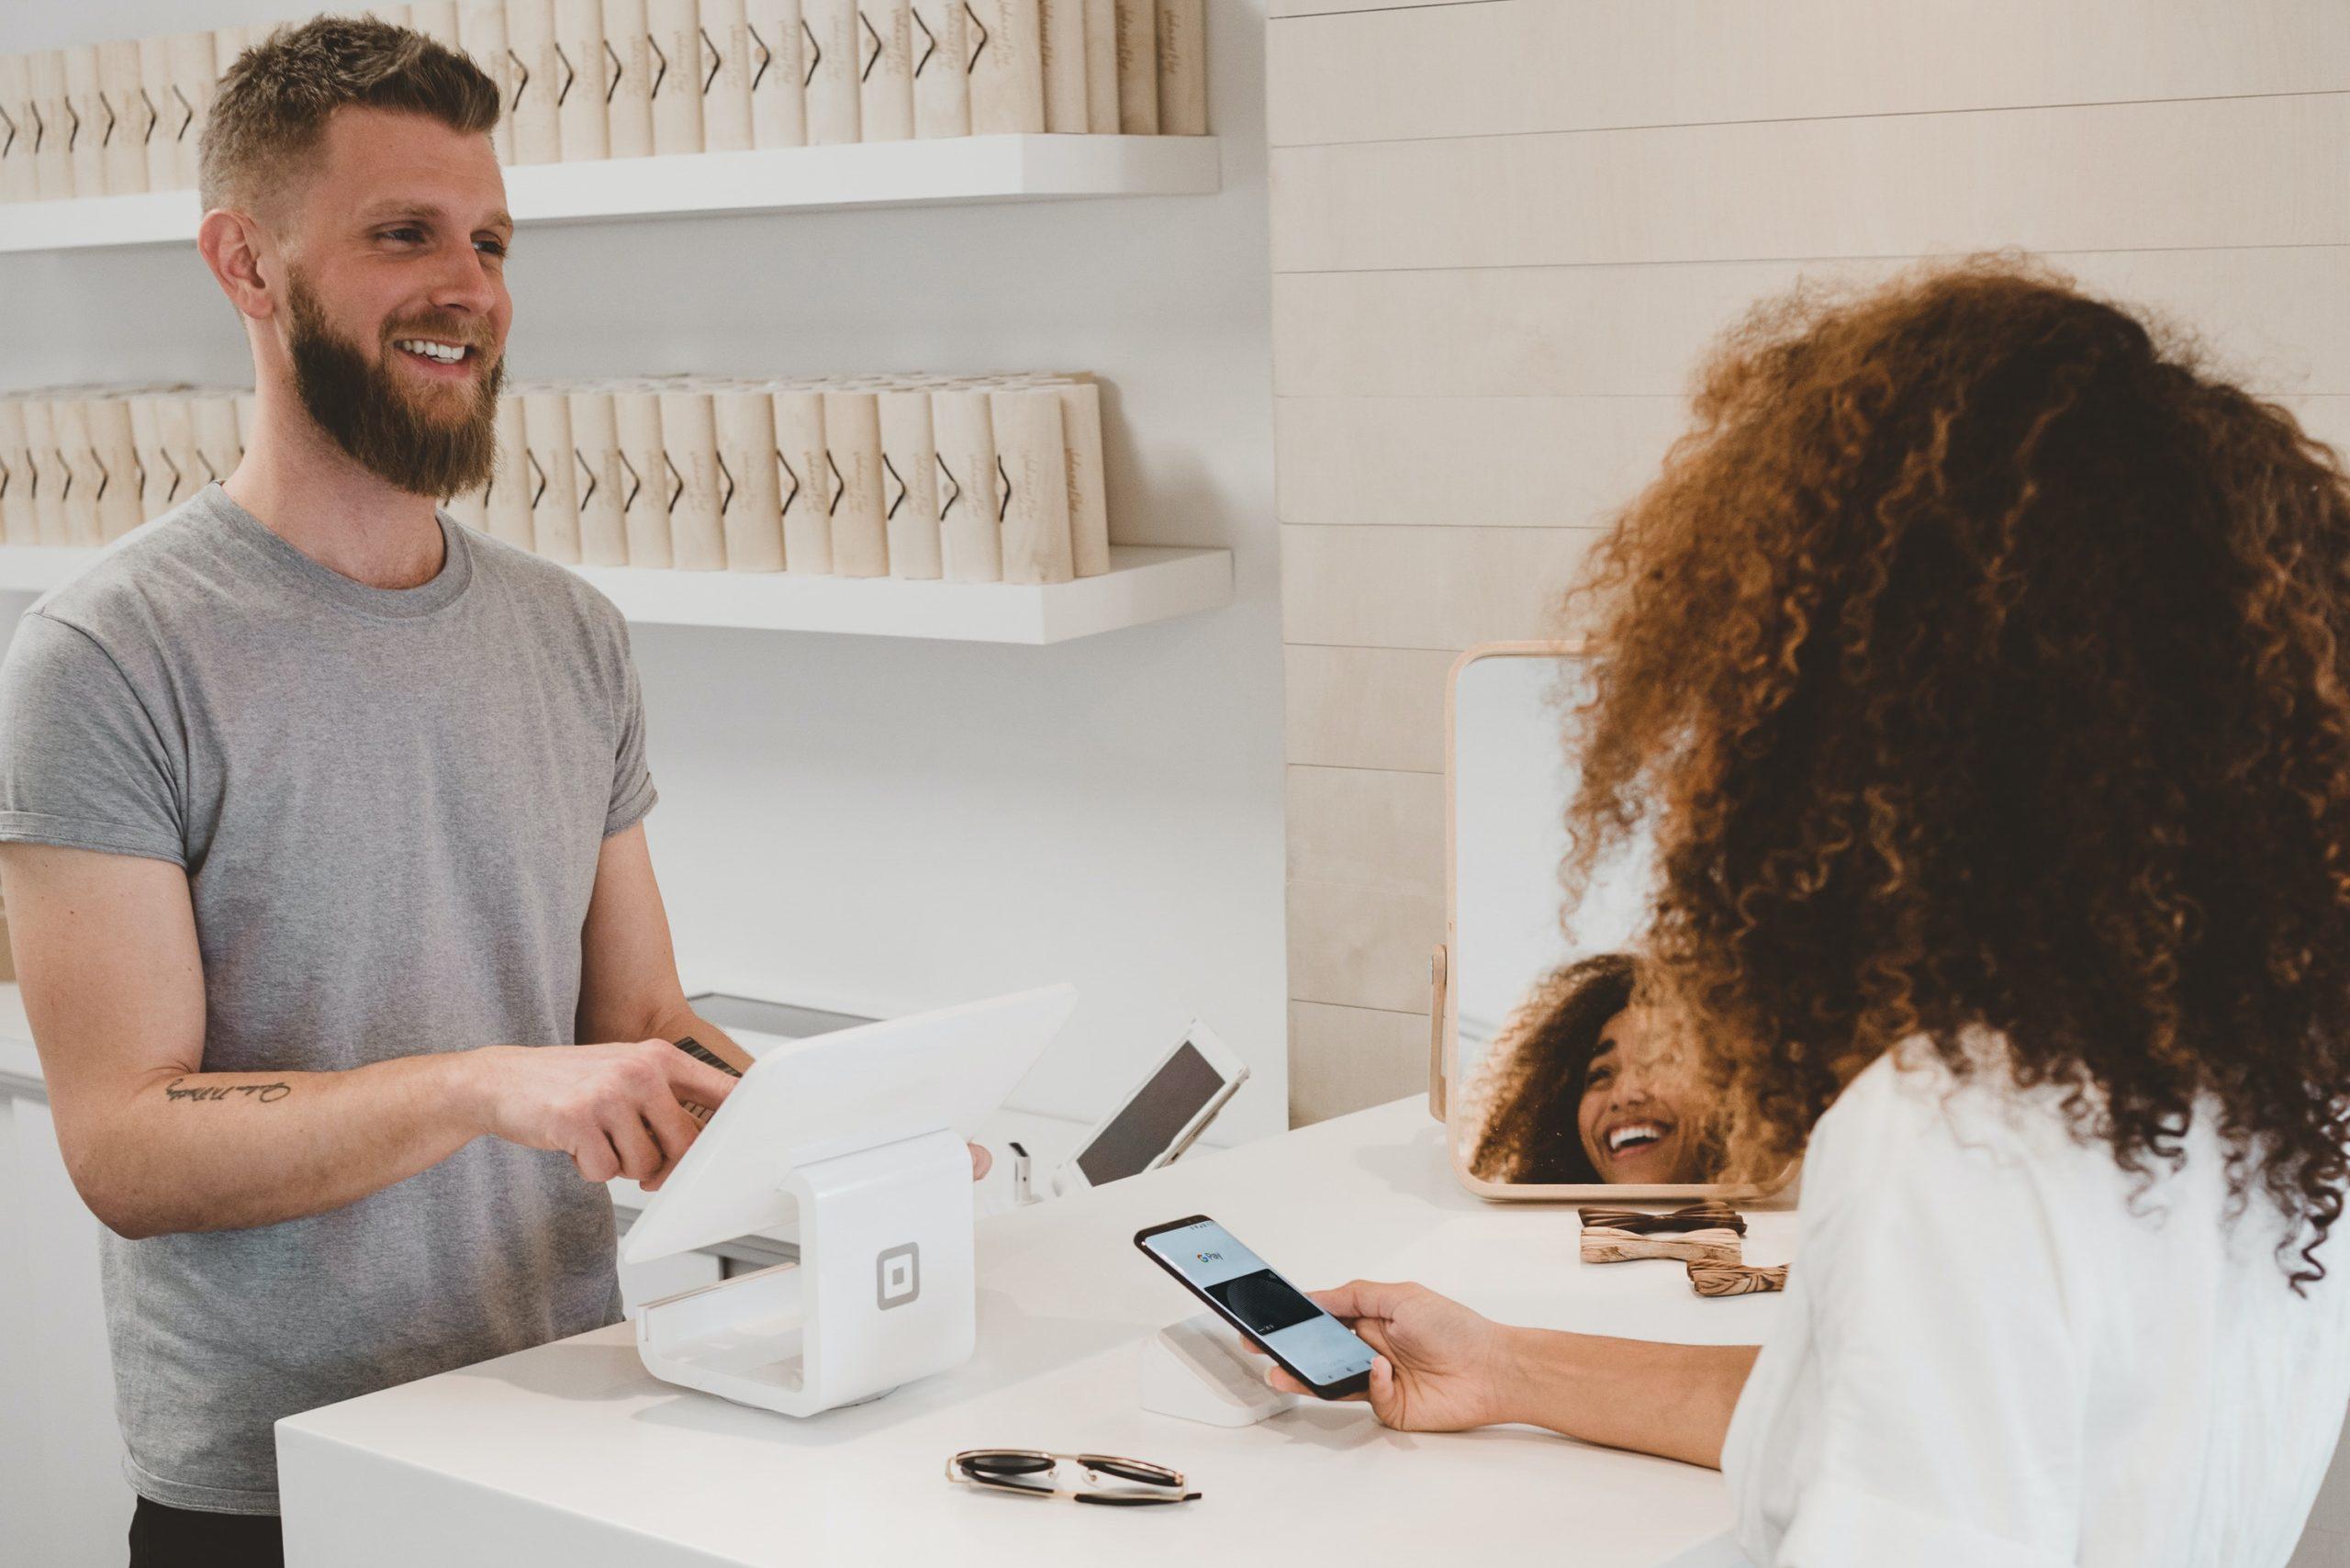 Recensioni al venditore su Amazon: come influenzano le vendite